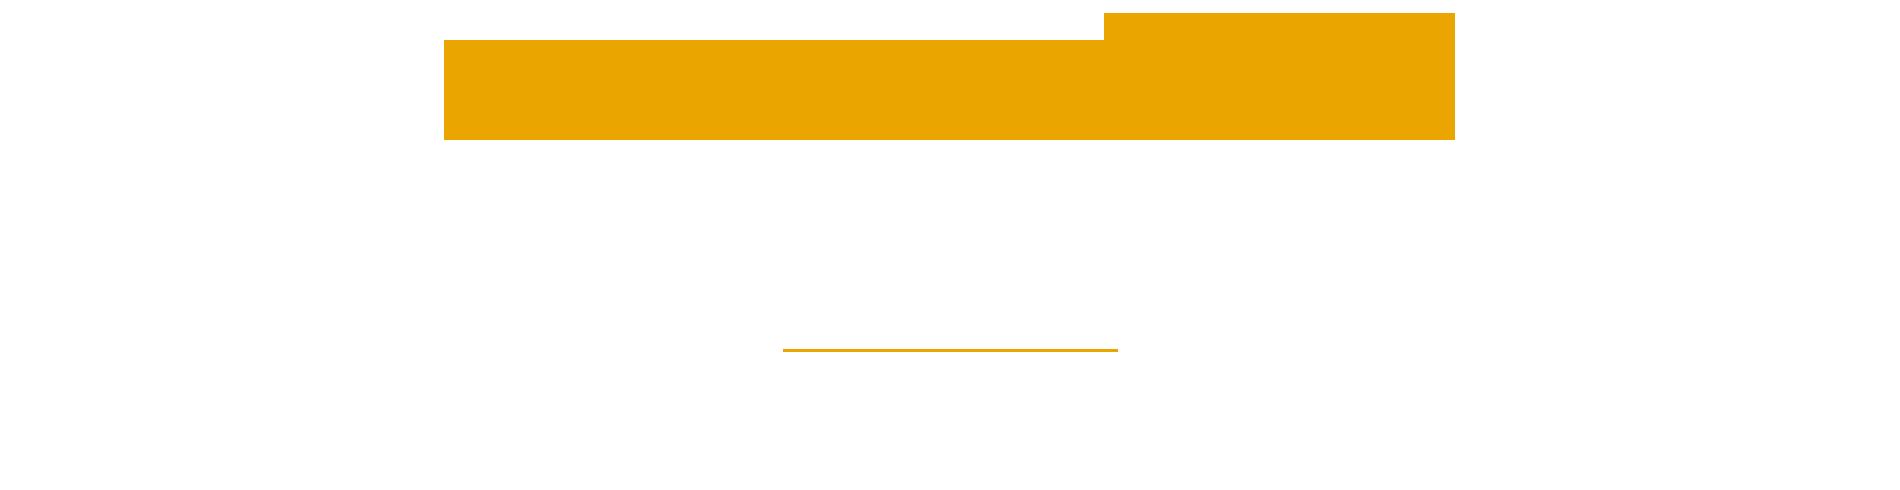 paralaxra_debrecen_sikeres reg